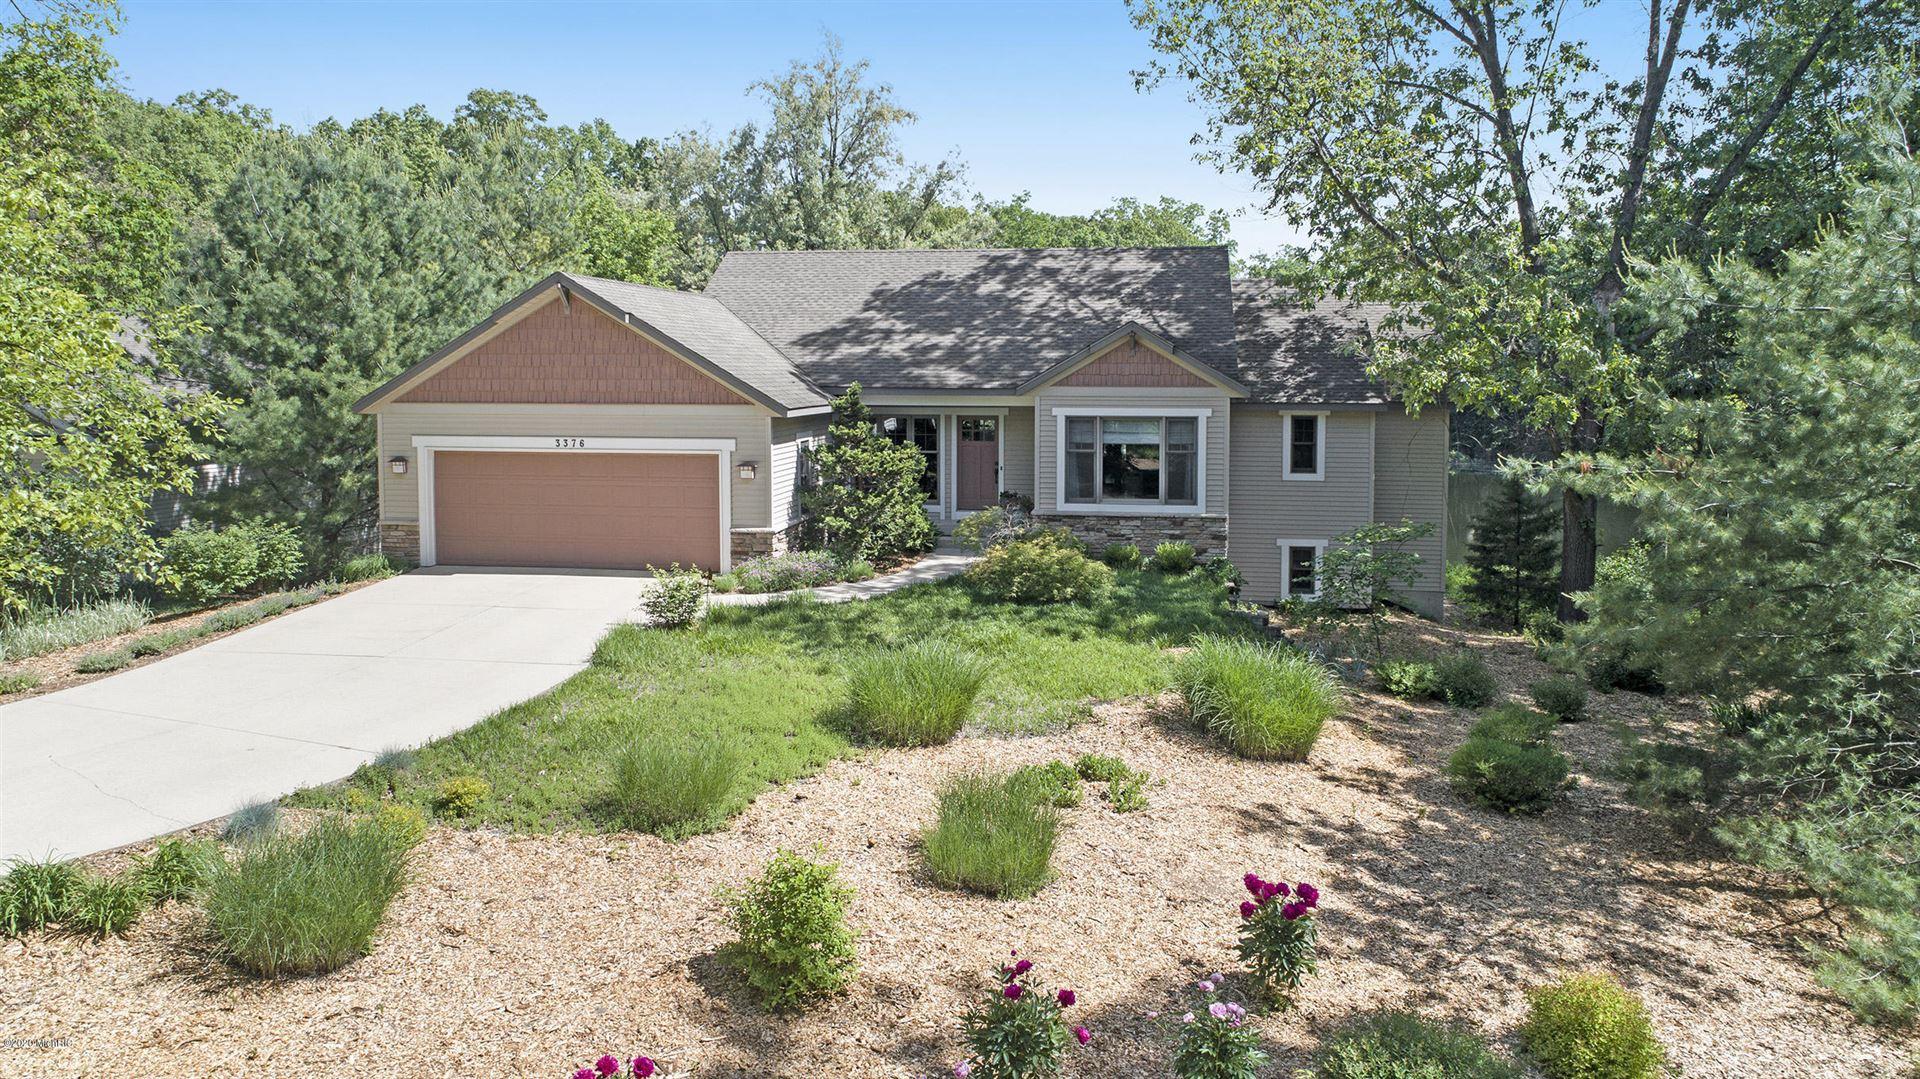 3376 Taliesin Trail, Grand Rapids, MI 49525 - MLS#: 20021045